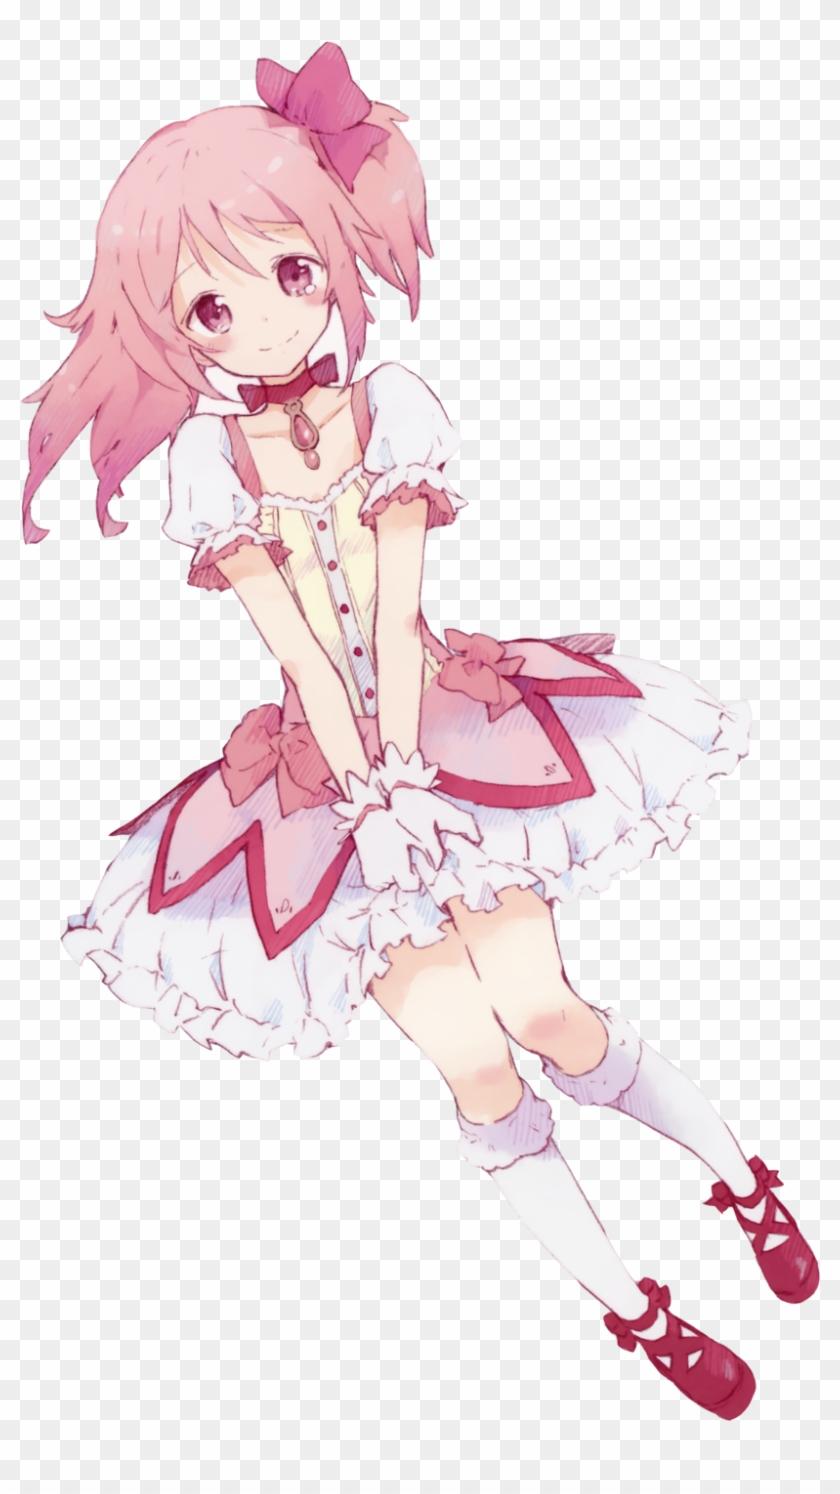 Anime Girl Pink Hair Png - Kaname Madoka Clipart (#9) - PikPng